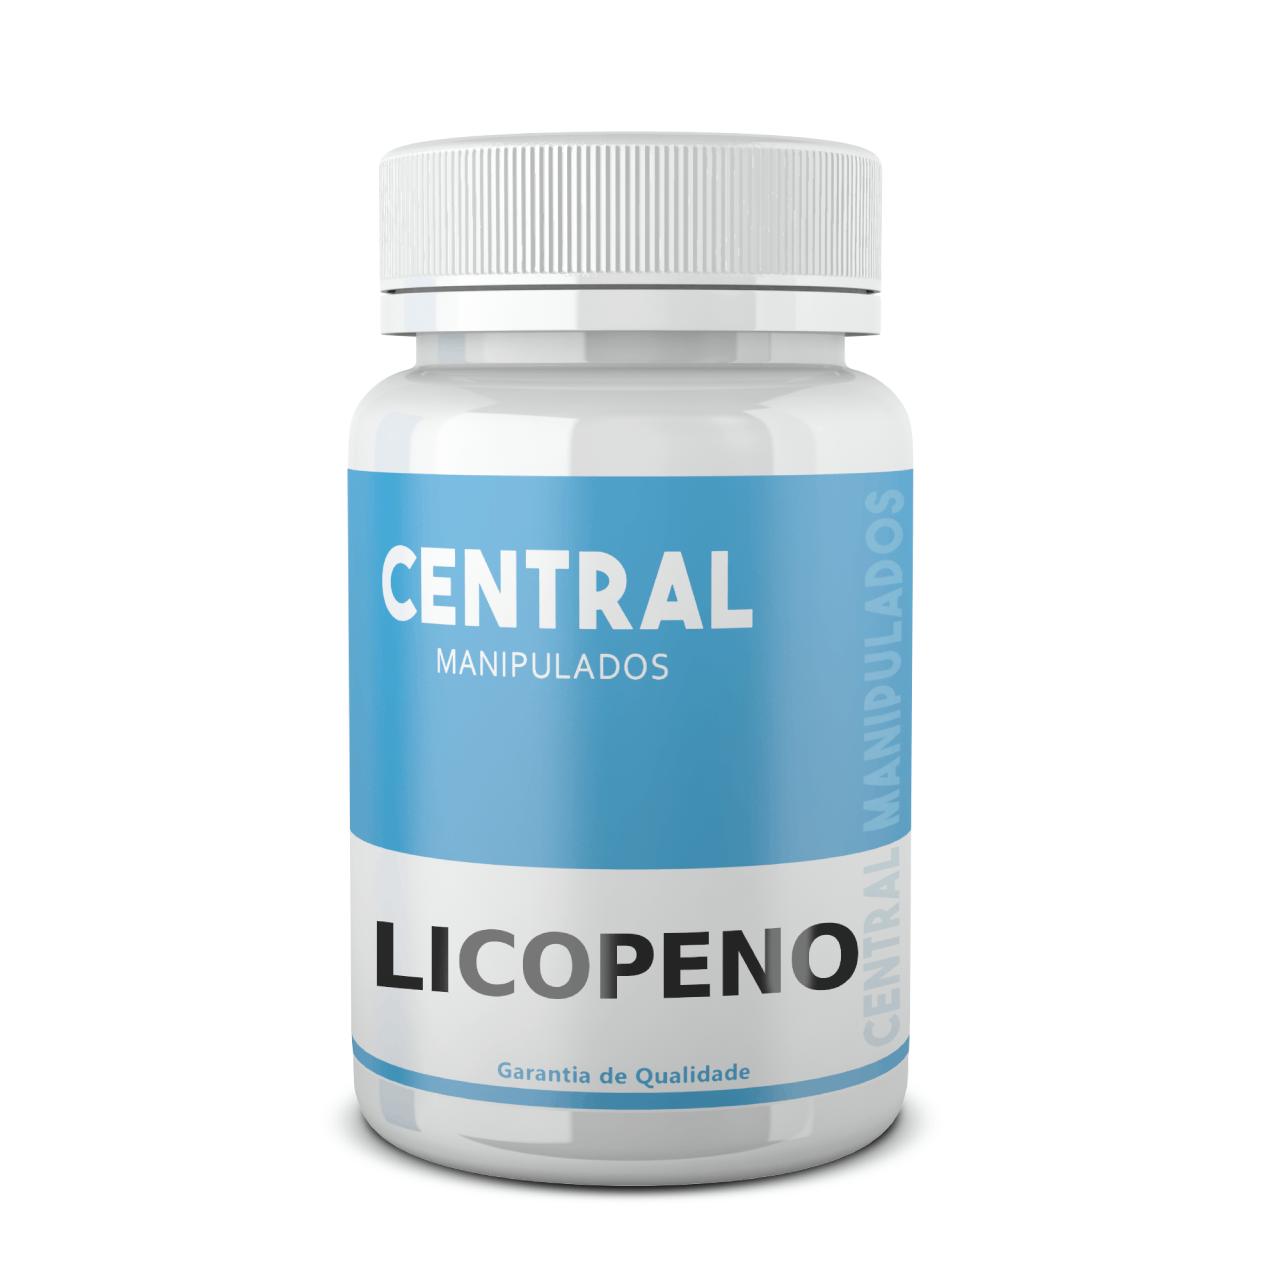 Licopeno 10mg - 60 Cápsulas - Grande ação antioxidante que combate os radicais livres, prevenindo o envelhecimento precoce e doenças